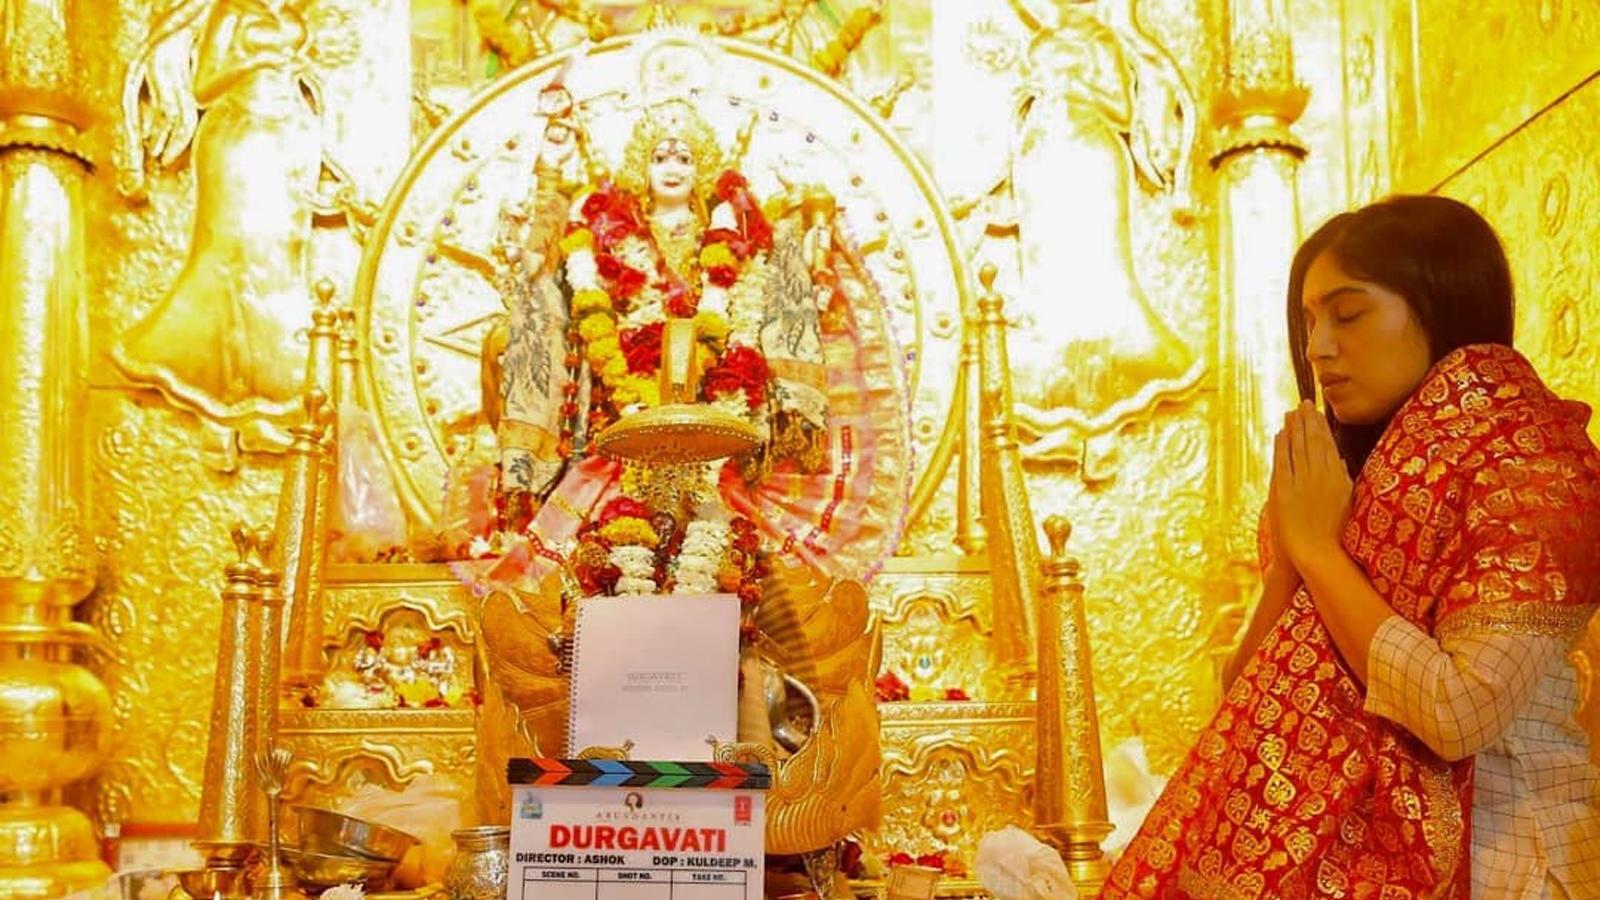 Bhumi Pednekar starts shoot for 'Durgavati'